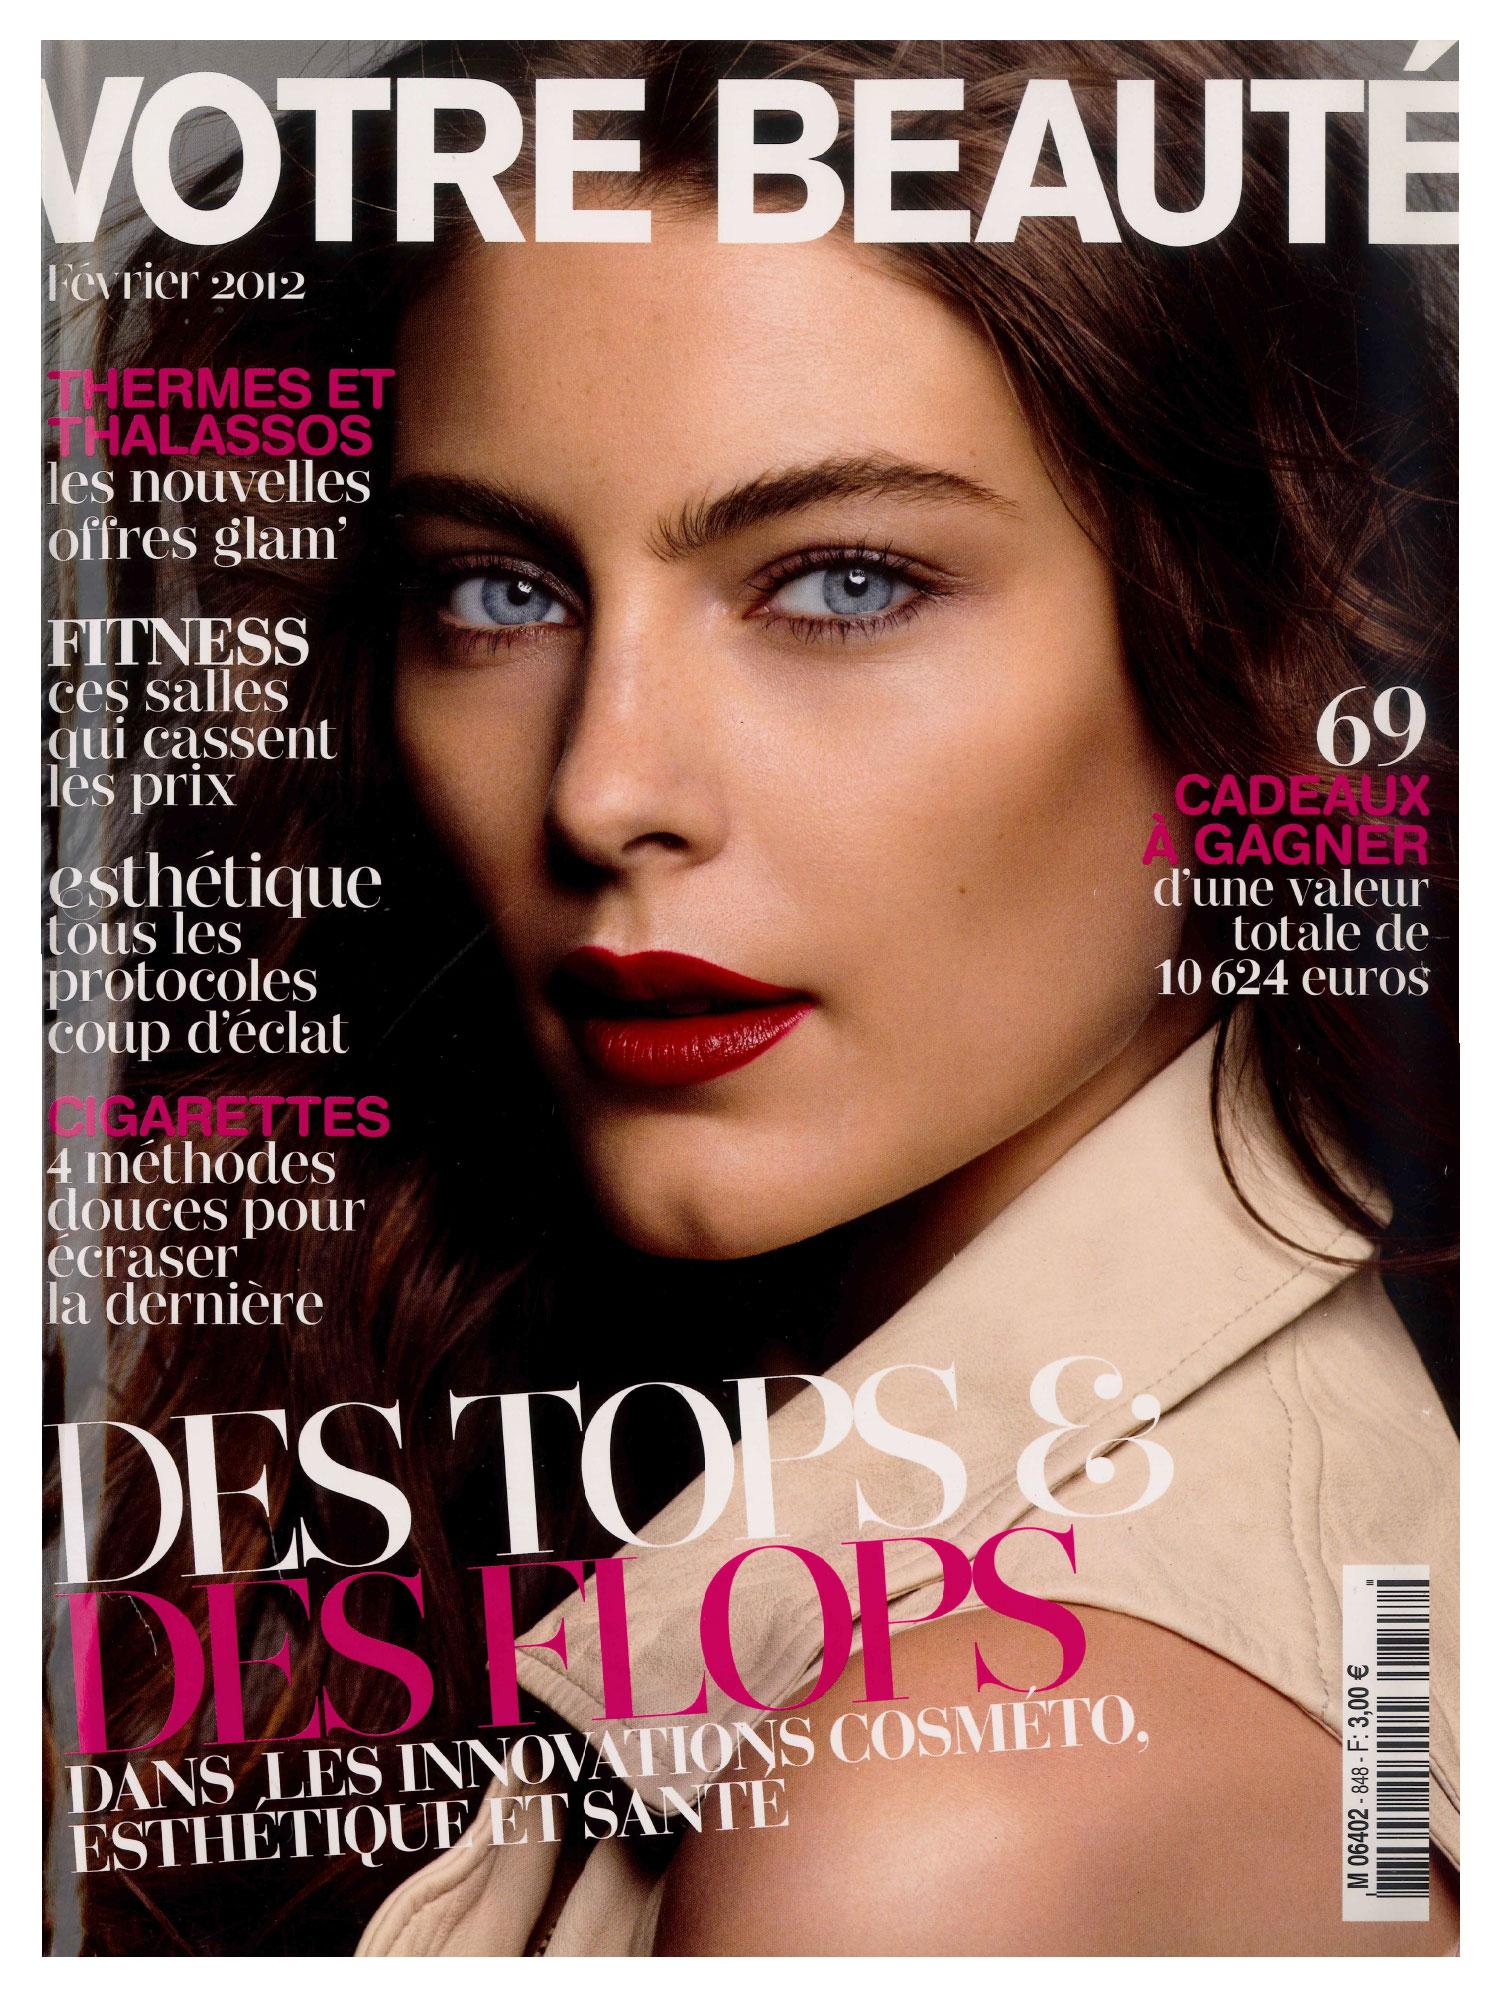 13_VOTRE BEAUTE2012 fevrier-cover